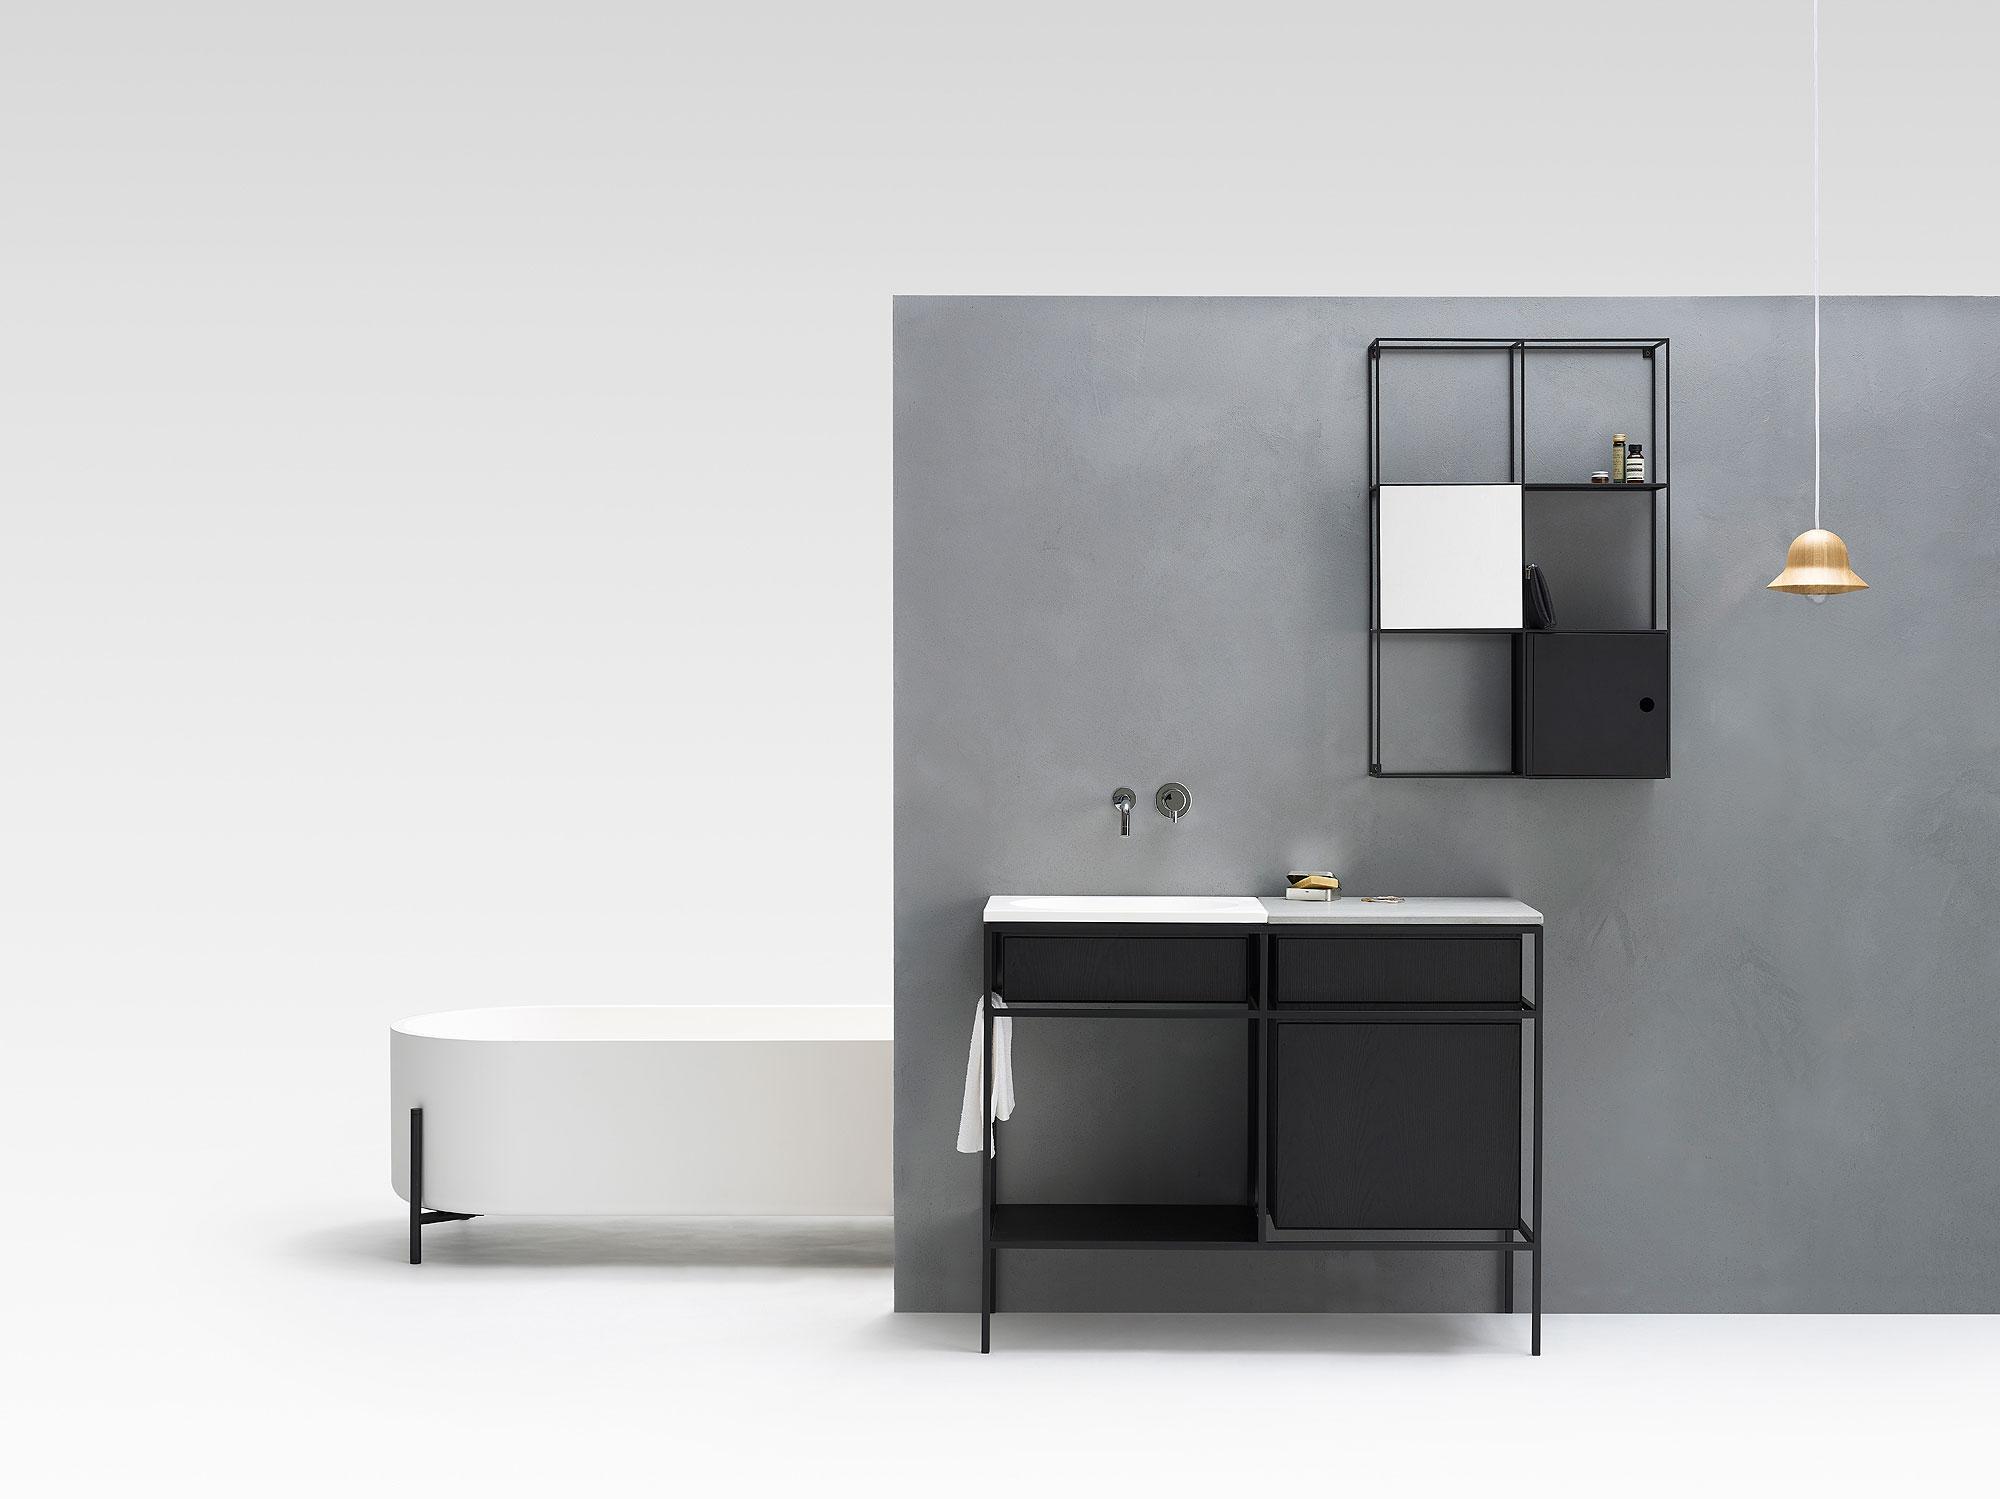 Reform Y Norm Architects Reinventan Las Cocinas De Ikea # Hackeando Muebles De Ikea